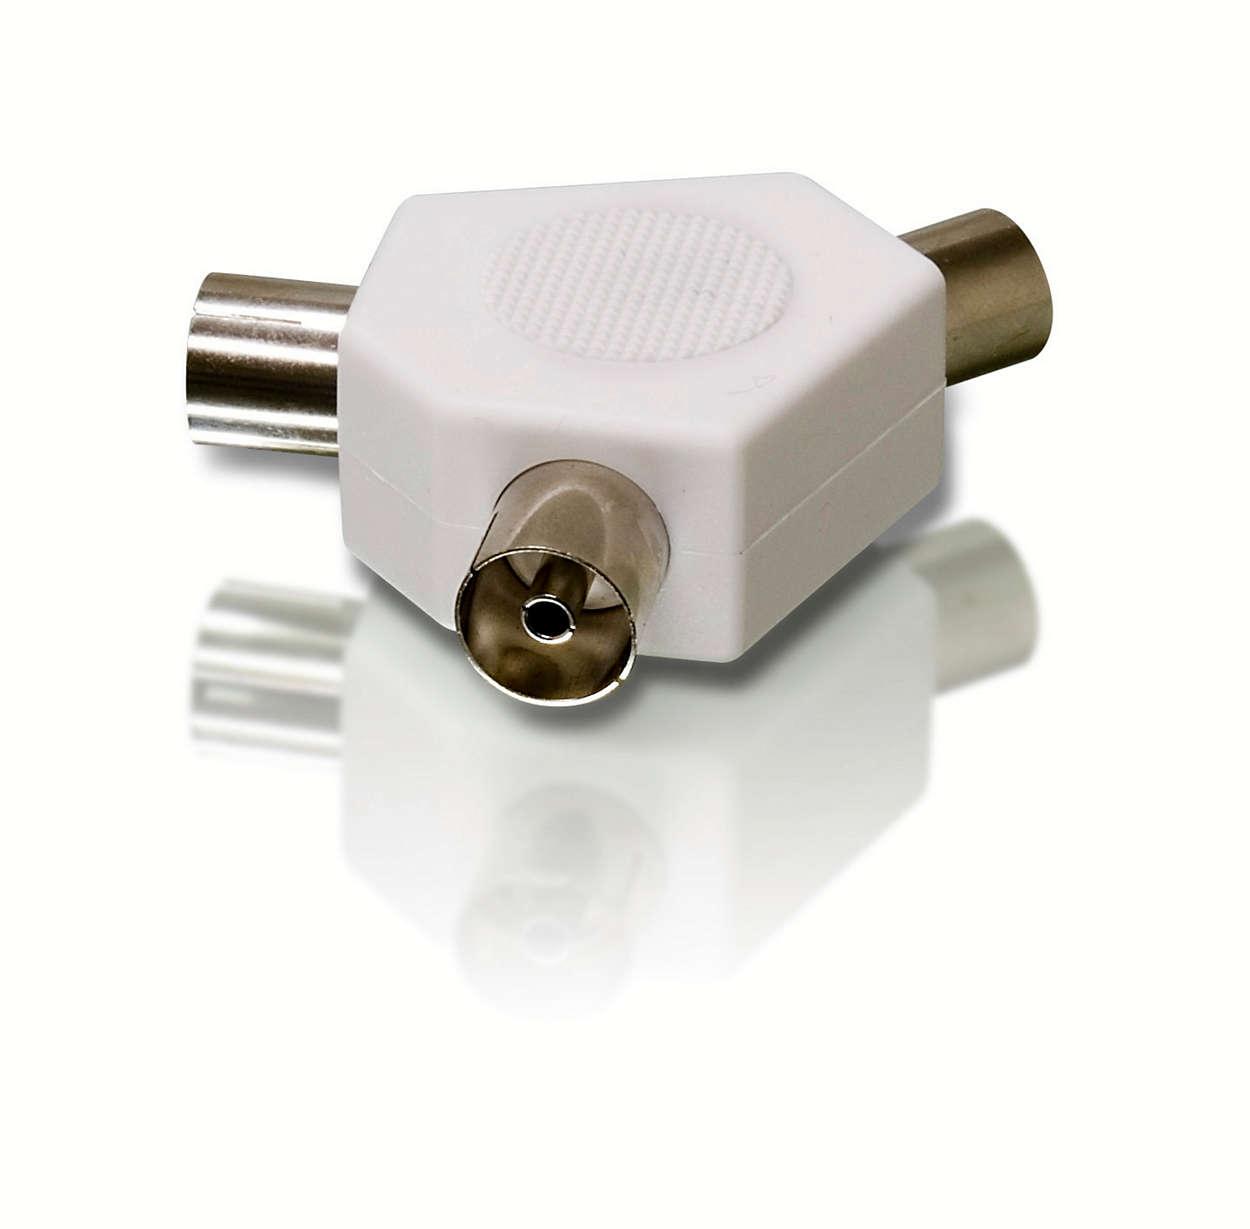 Få en pålitelig tilkobling